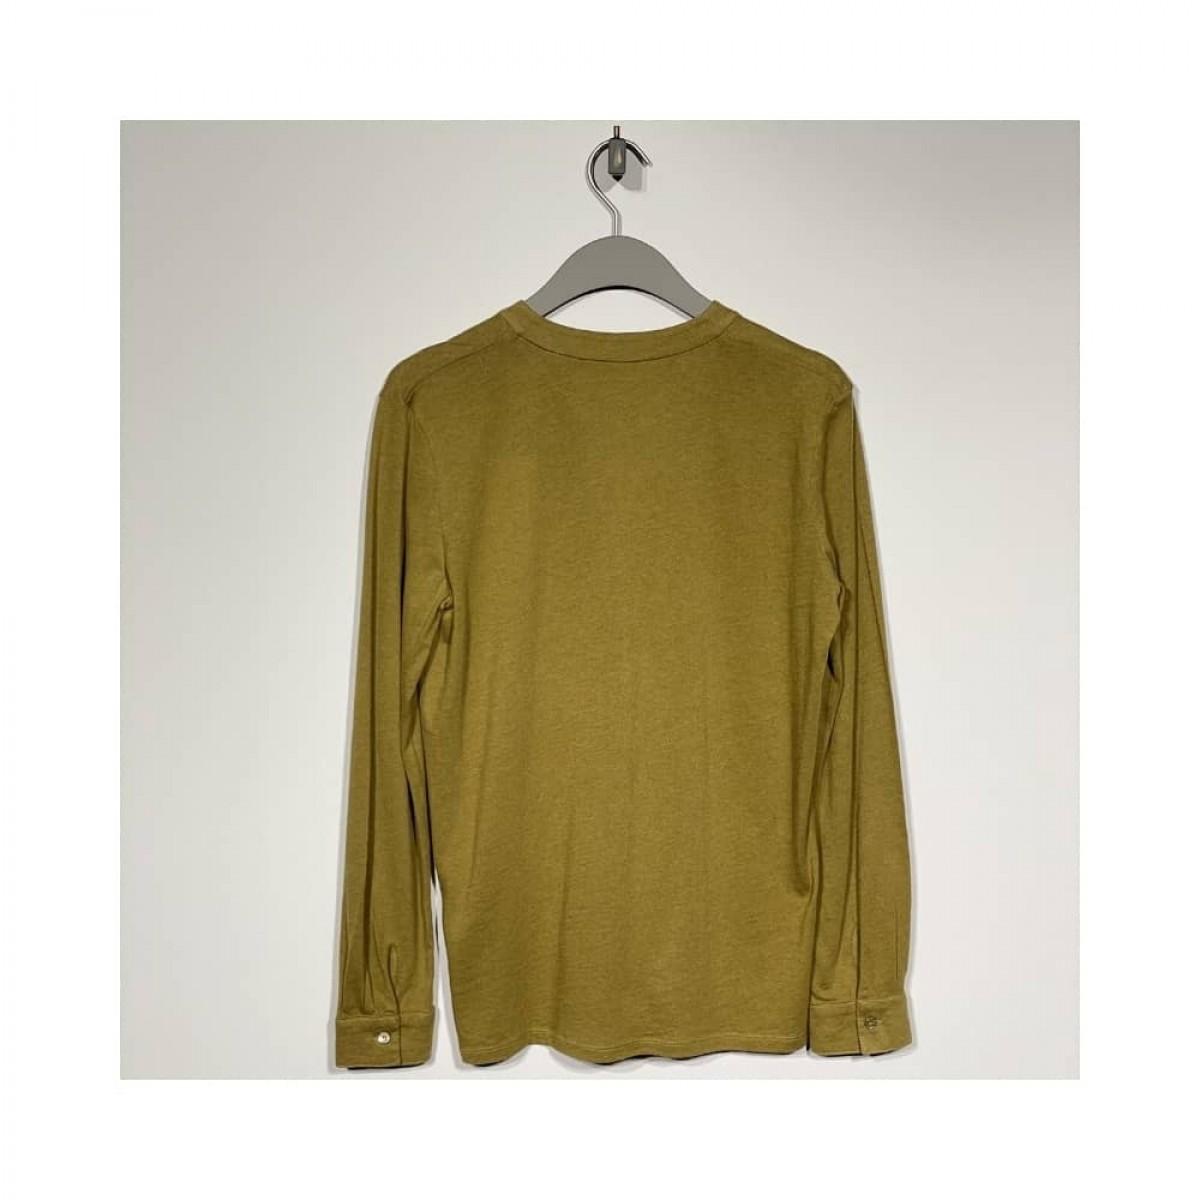 tunisien bluse - bronze - ryggen